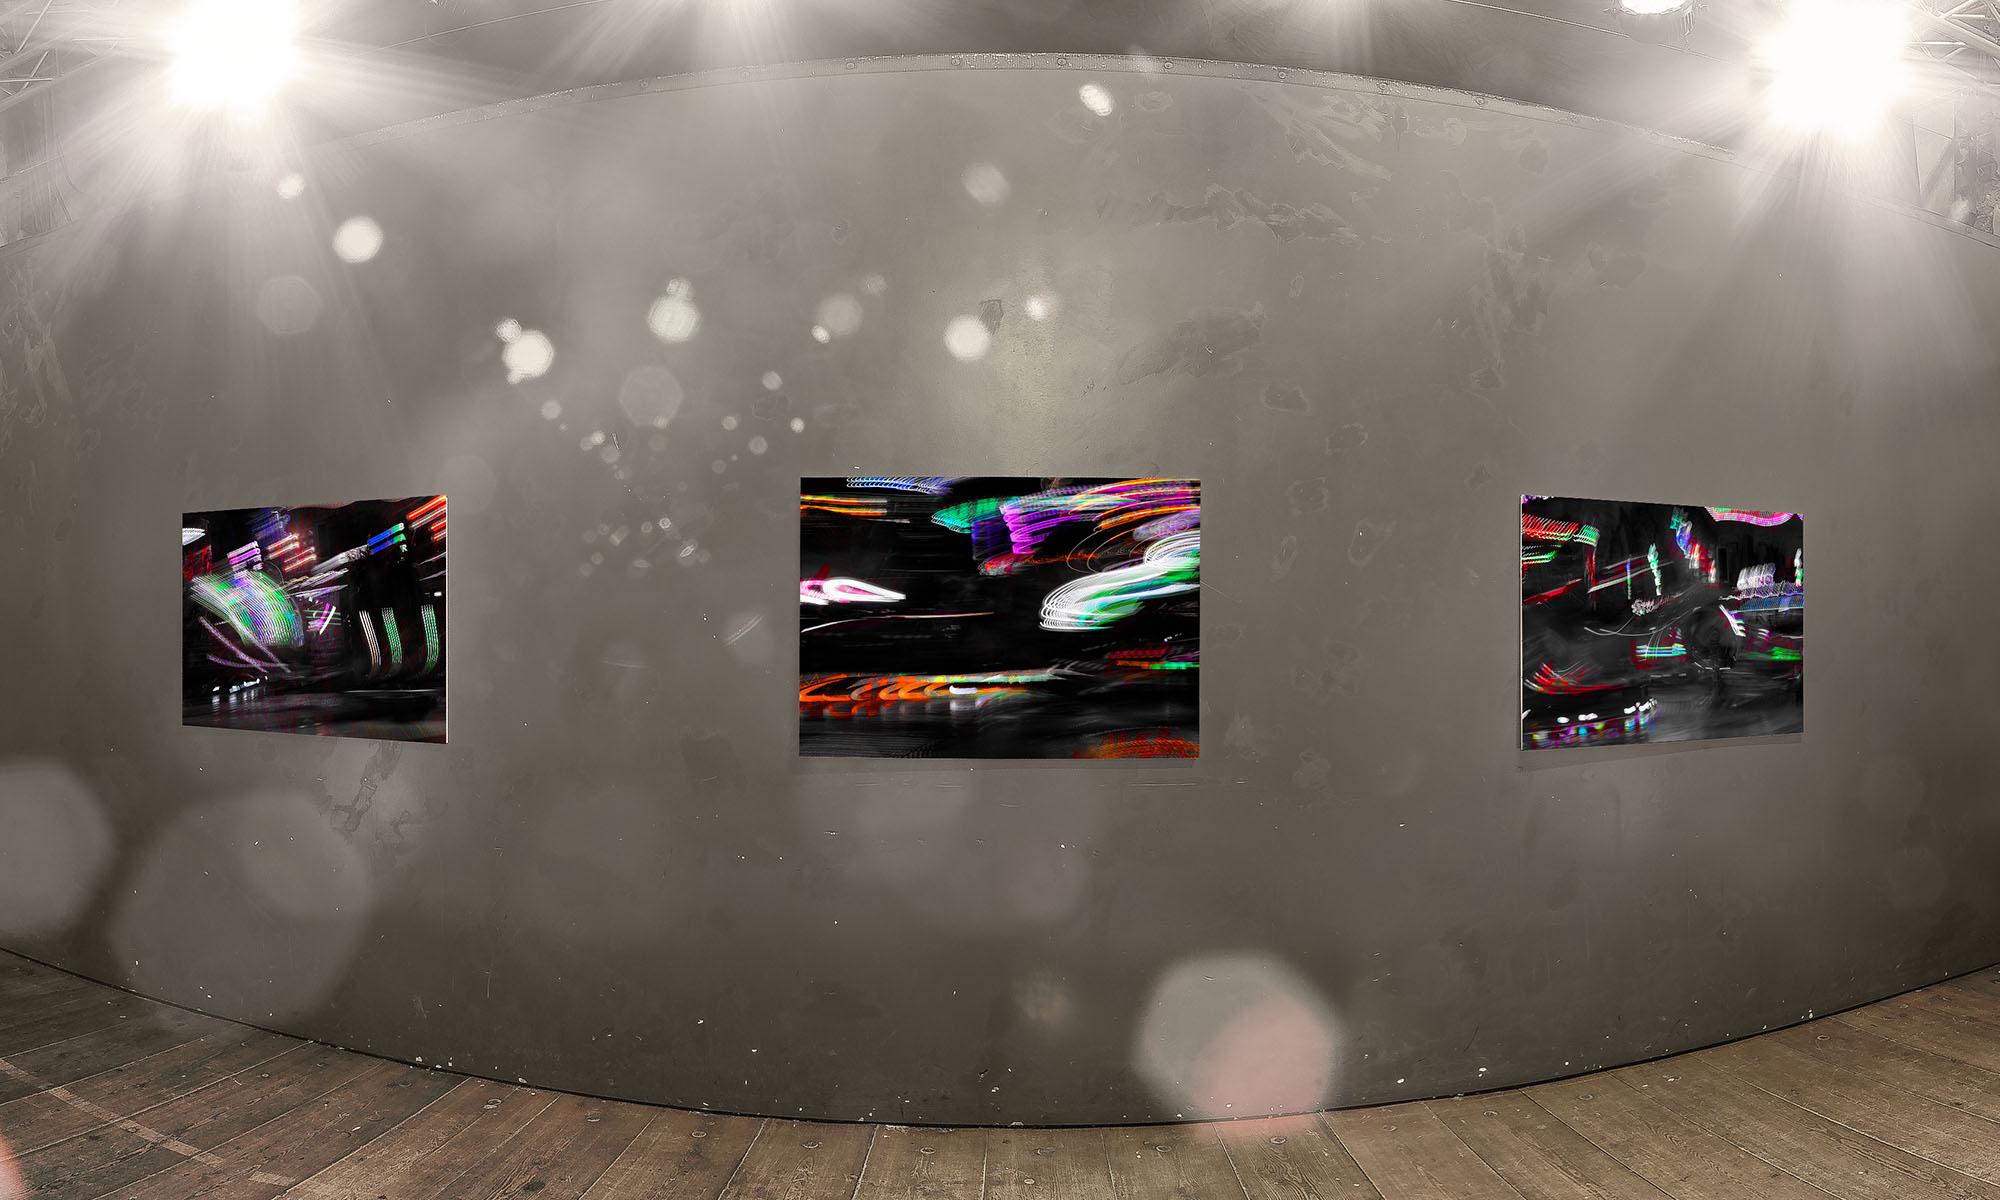 dievirtuellegalerie